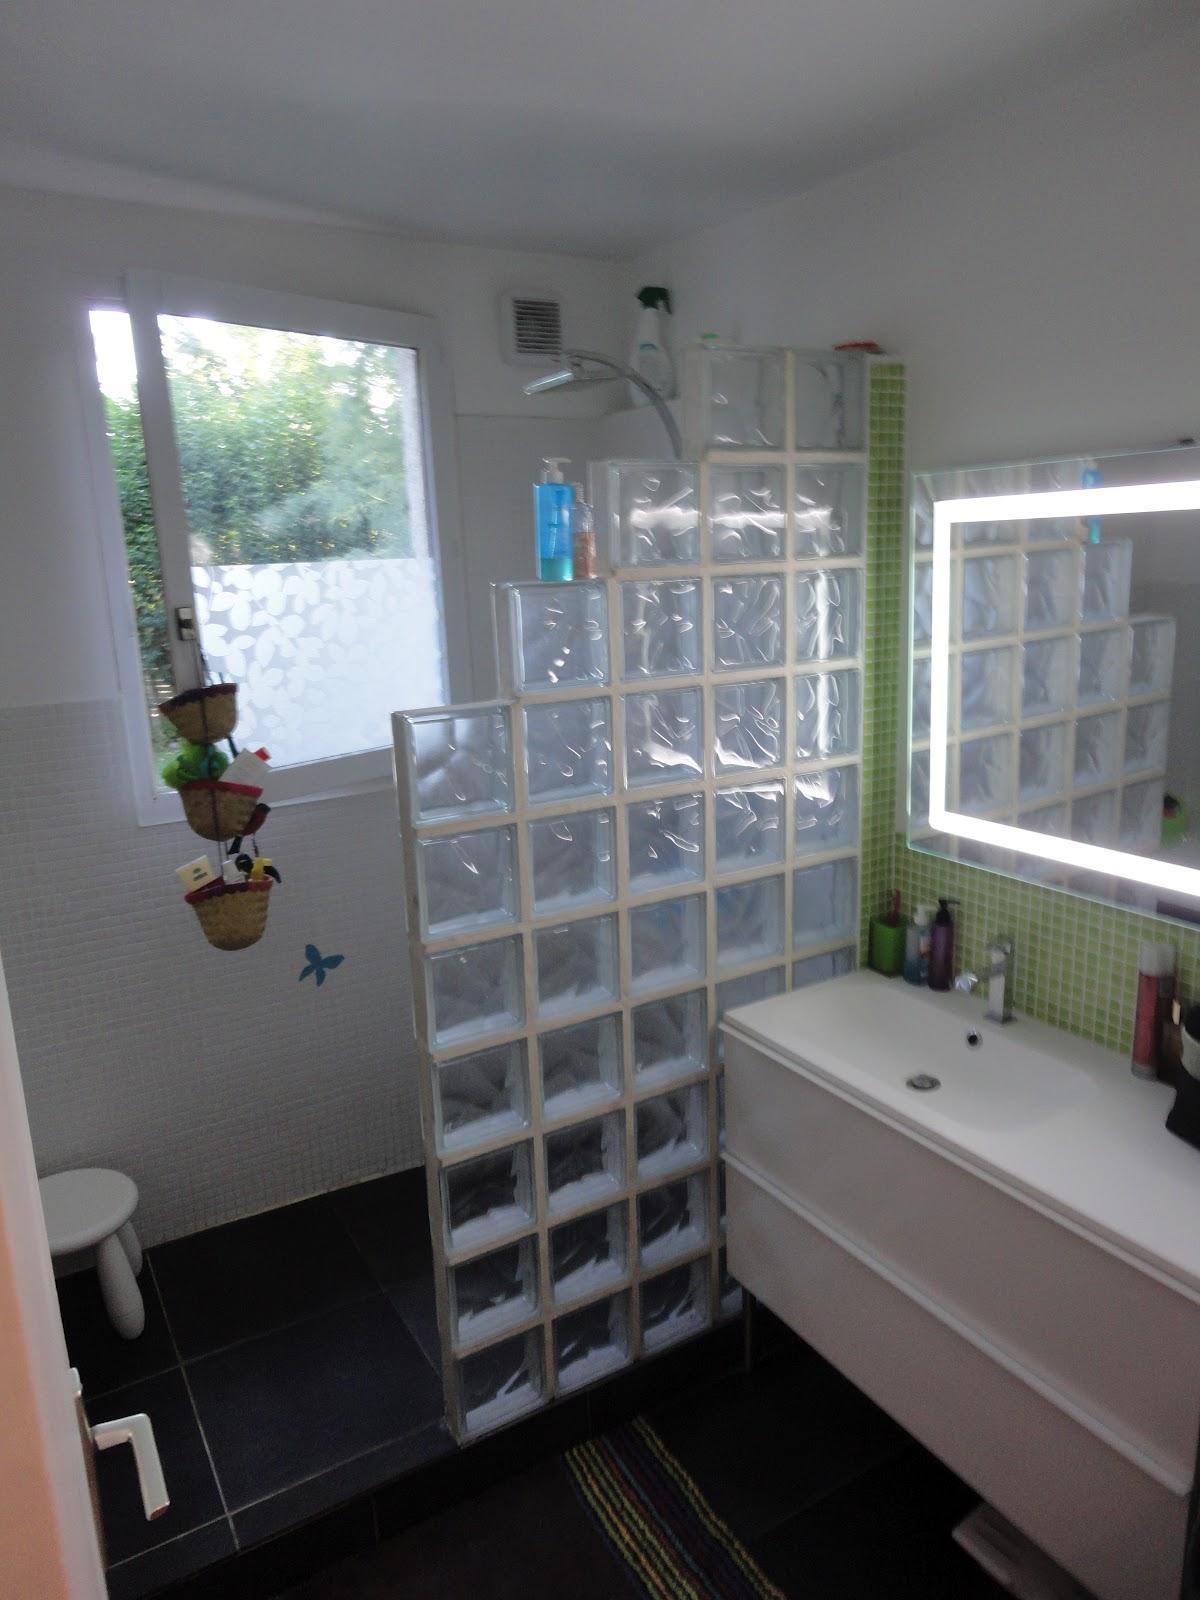 a vendre jolie maison avignon sanitaires salle de bain baignoire et douche l 39 italienne. Black Bedroom Furniture Sets. Home Design Ideas